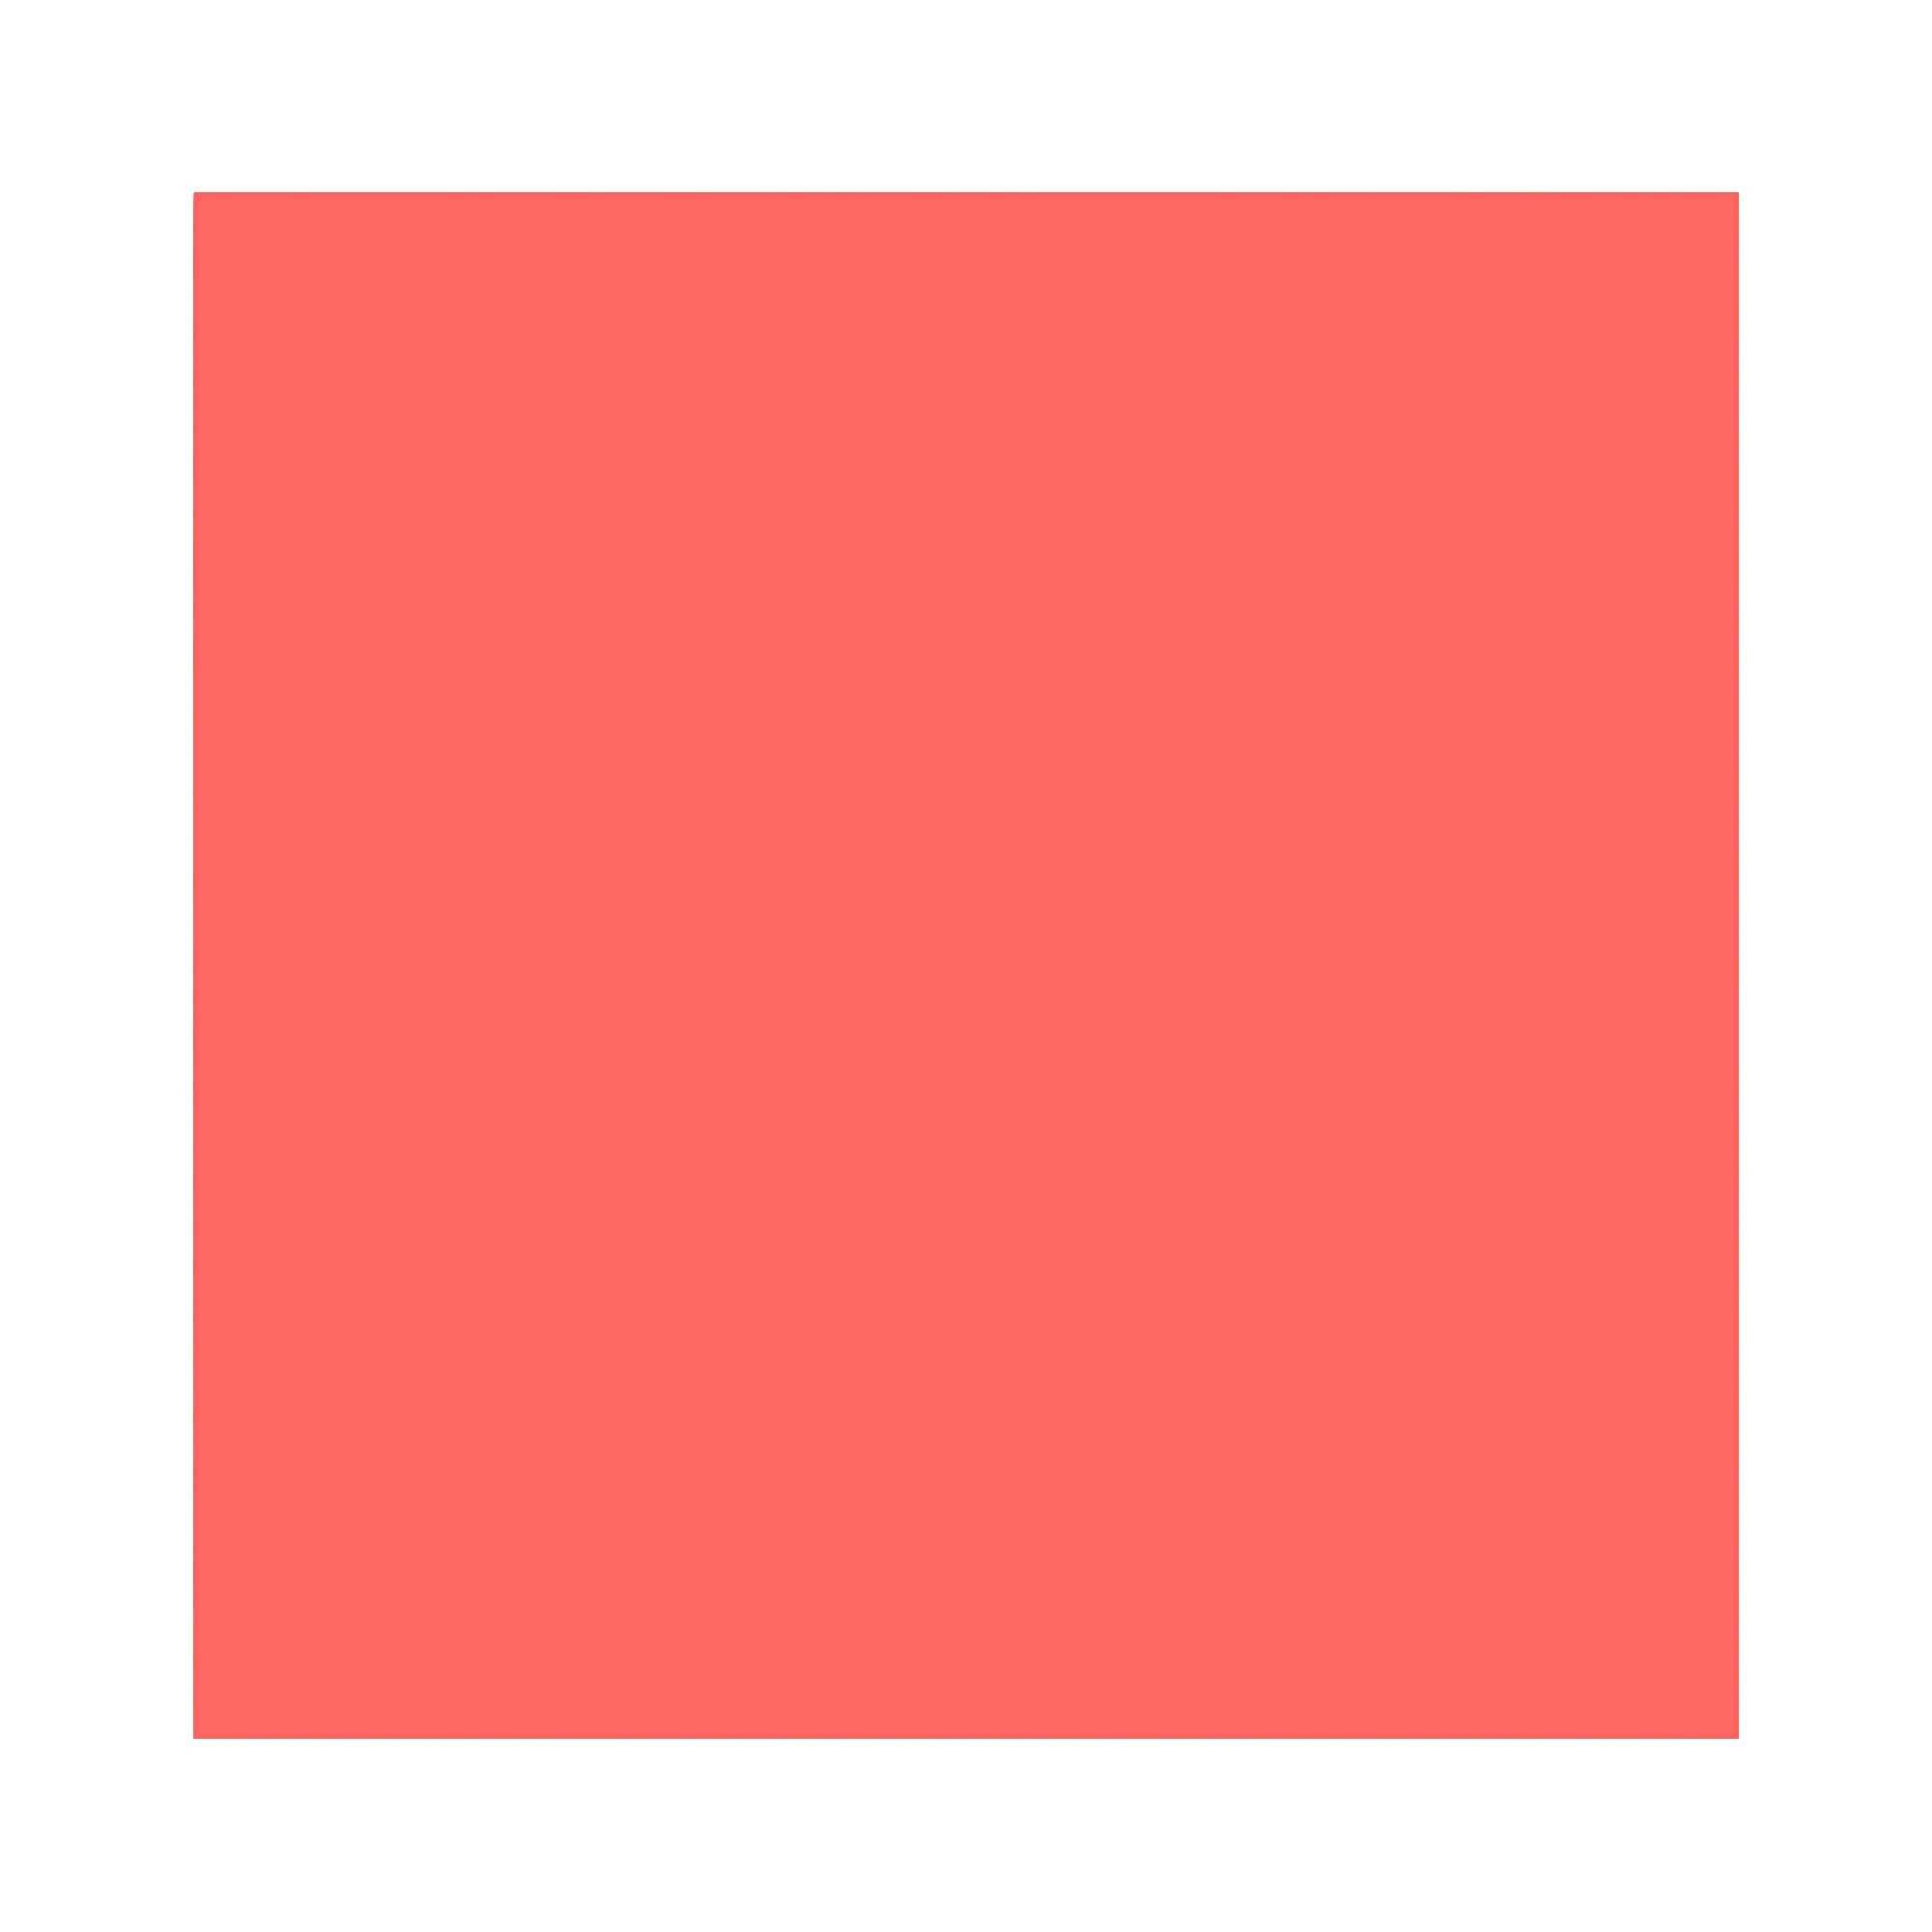 Karton kolor 70x100 czerwony cegła BestTotal KK19